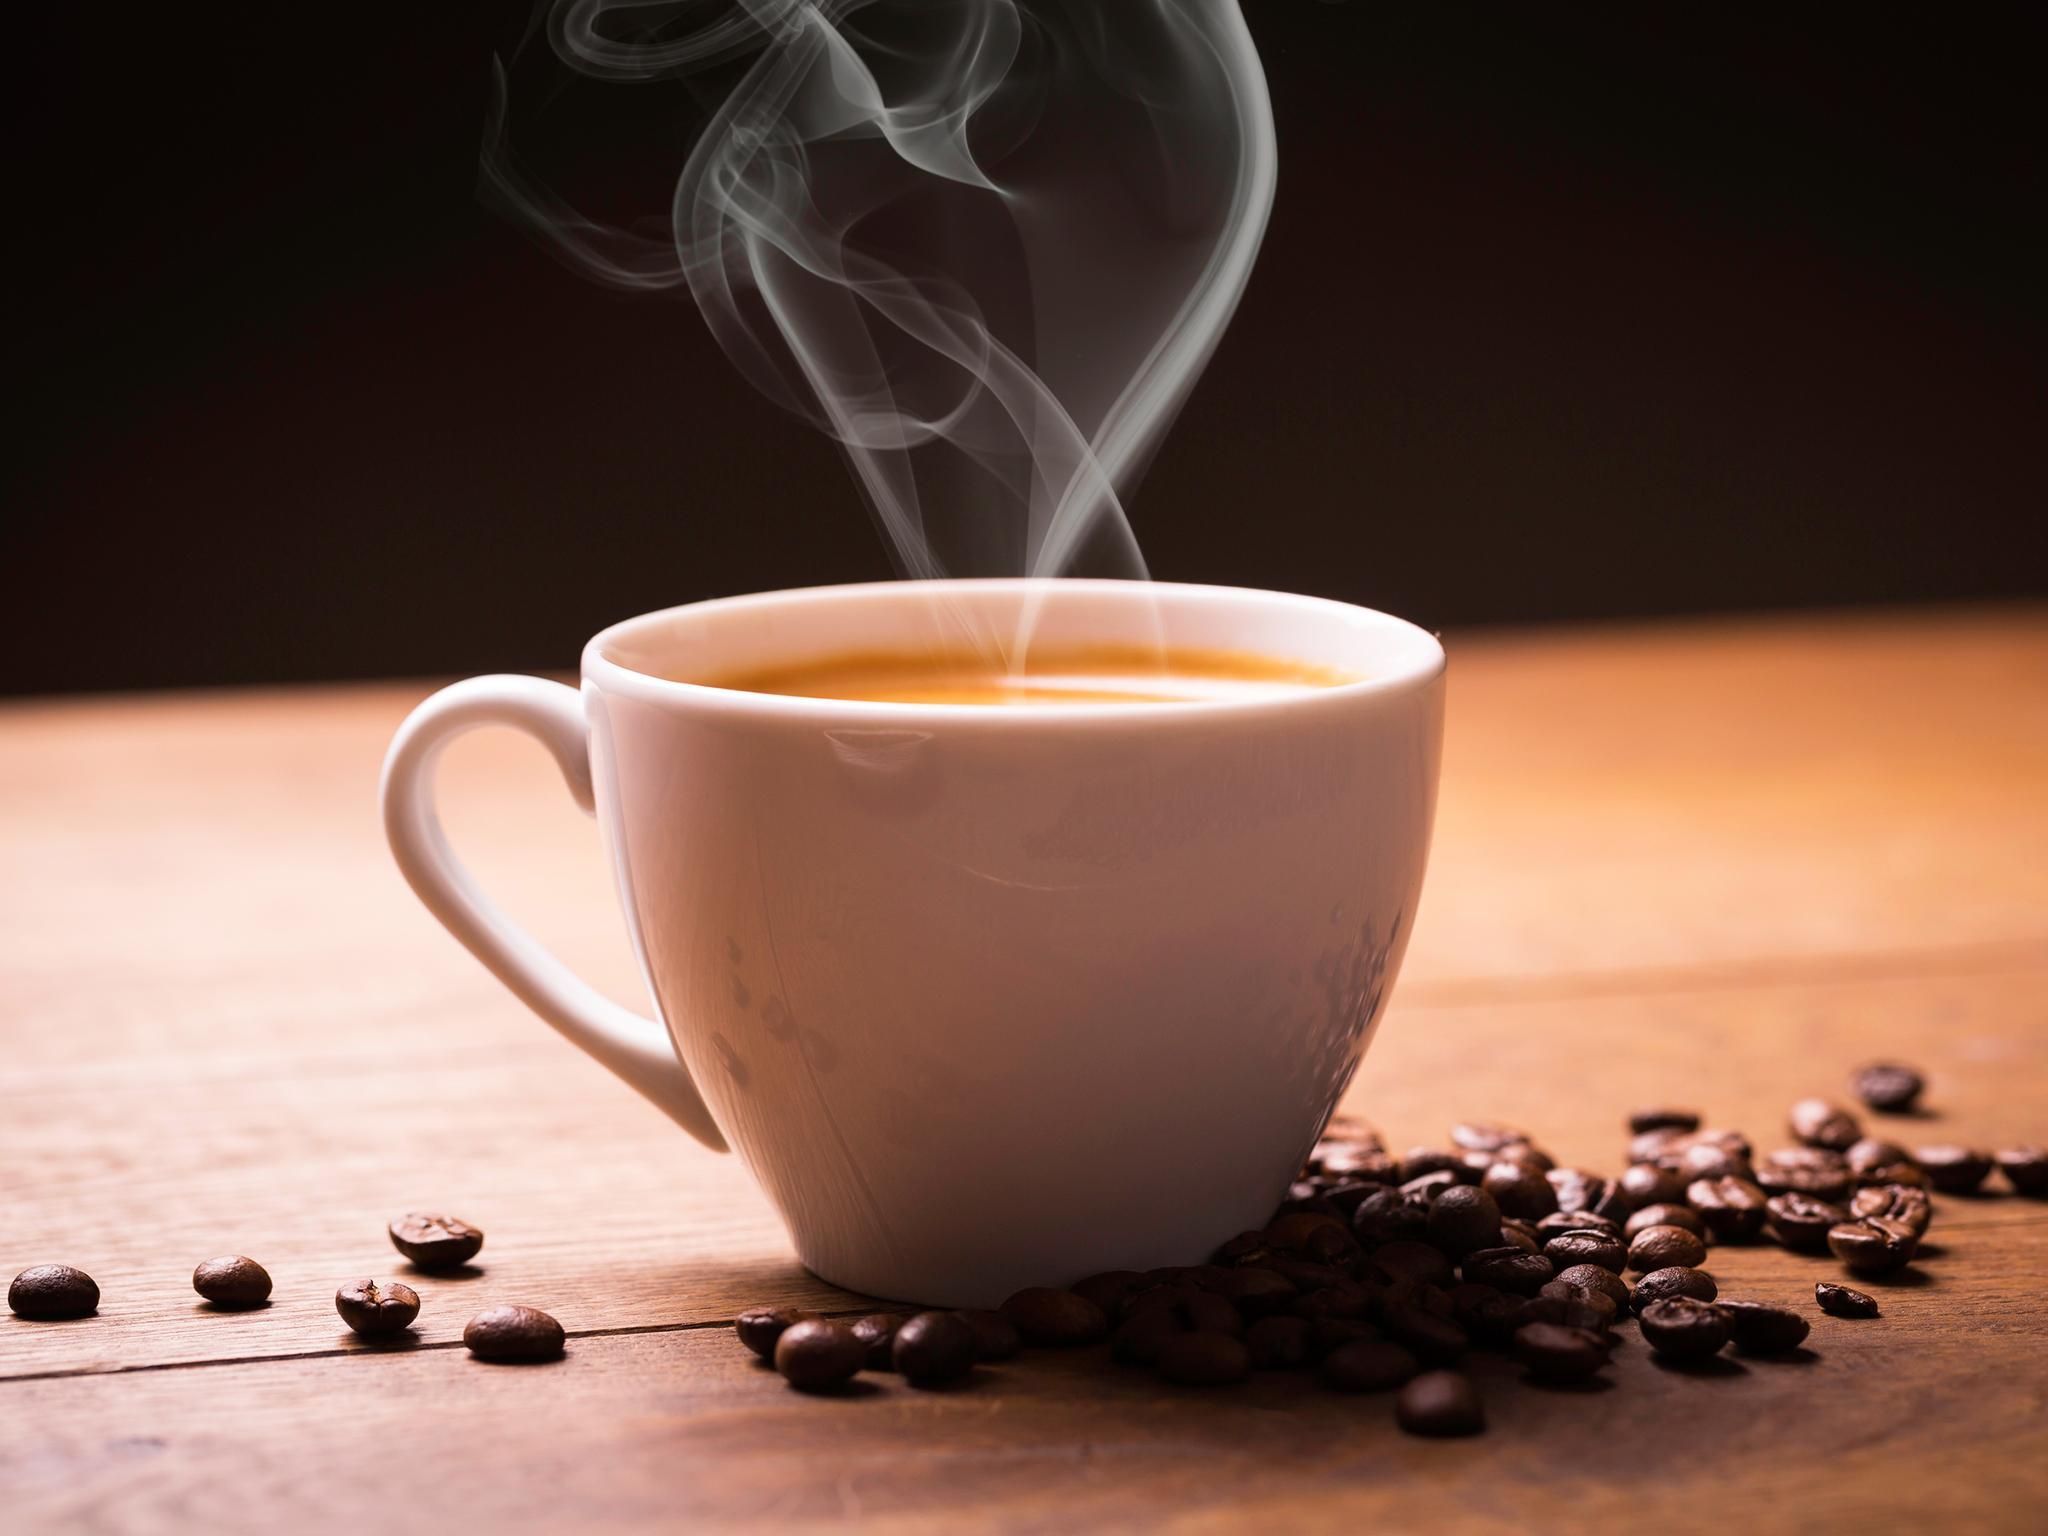 1-در آینده نه چندان دور قهوه از طلا هم نایابتر میشود4- وقتی در قطب شمال درخت قهوه کاشته شود5- کاشت درختان مناطق استوایی در قطبین برای مقابله با پدیده گرمای زمین2-خداحافظی با محبوبترین نوشیدنی جهان درسالهای نه چندان دور3-دنیای بدون نوشیدنی قهوه؛ زمینهای زیر کشت قهوه نابود میشوند